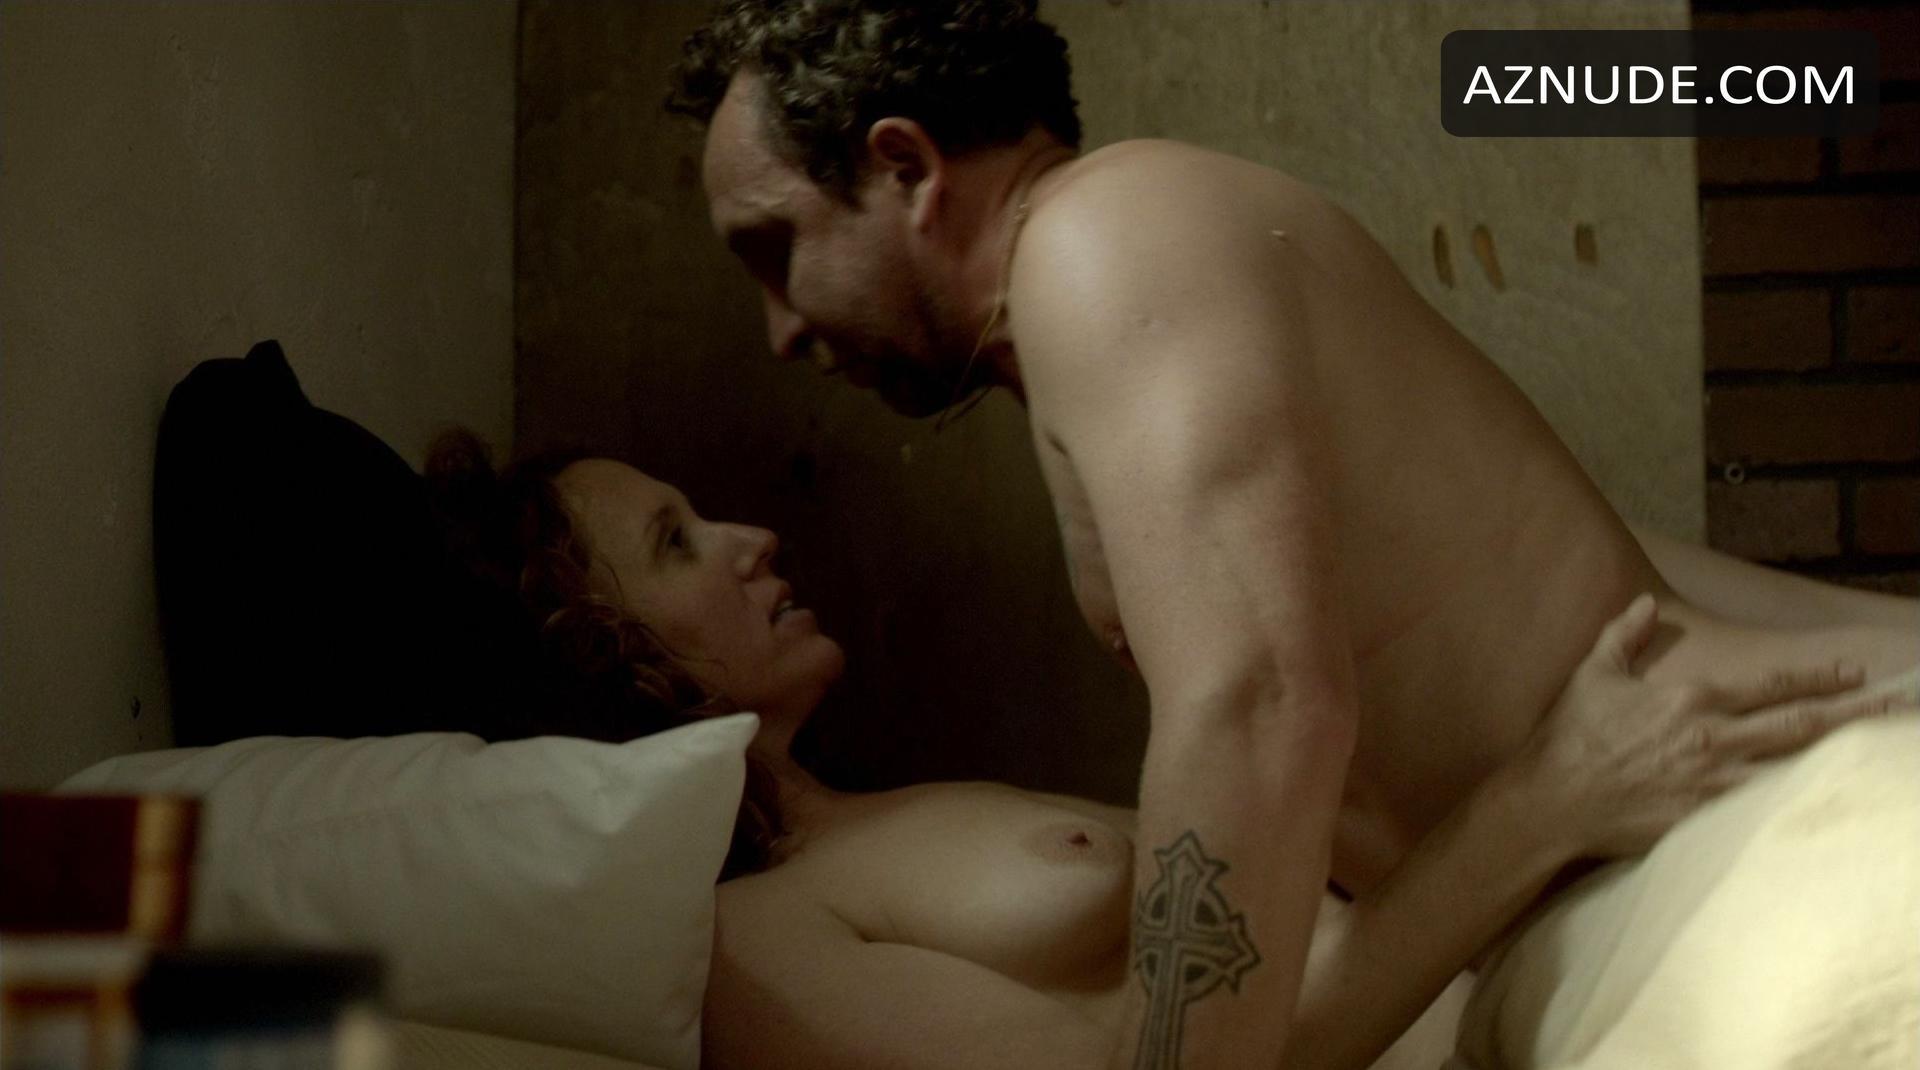 hot naked latinas getting humped